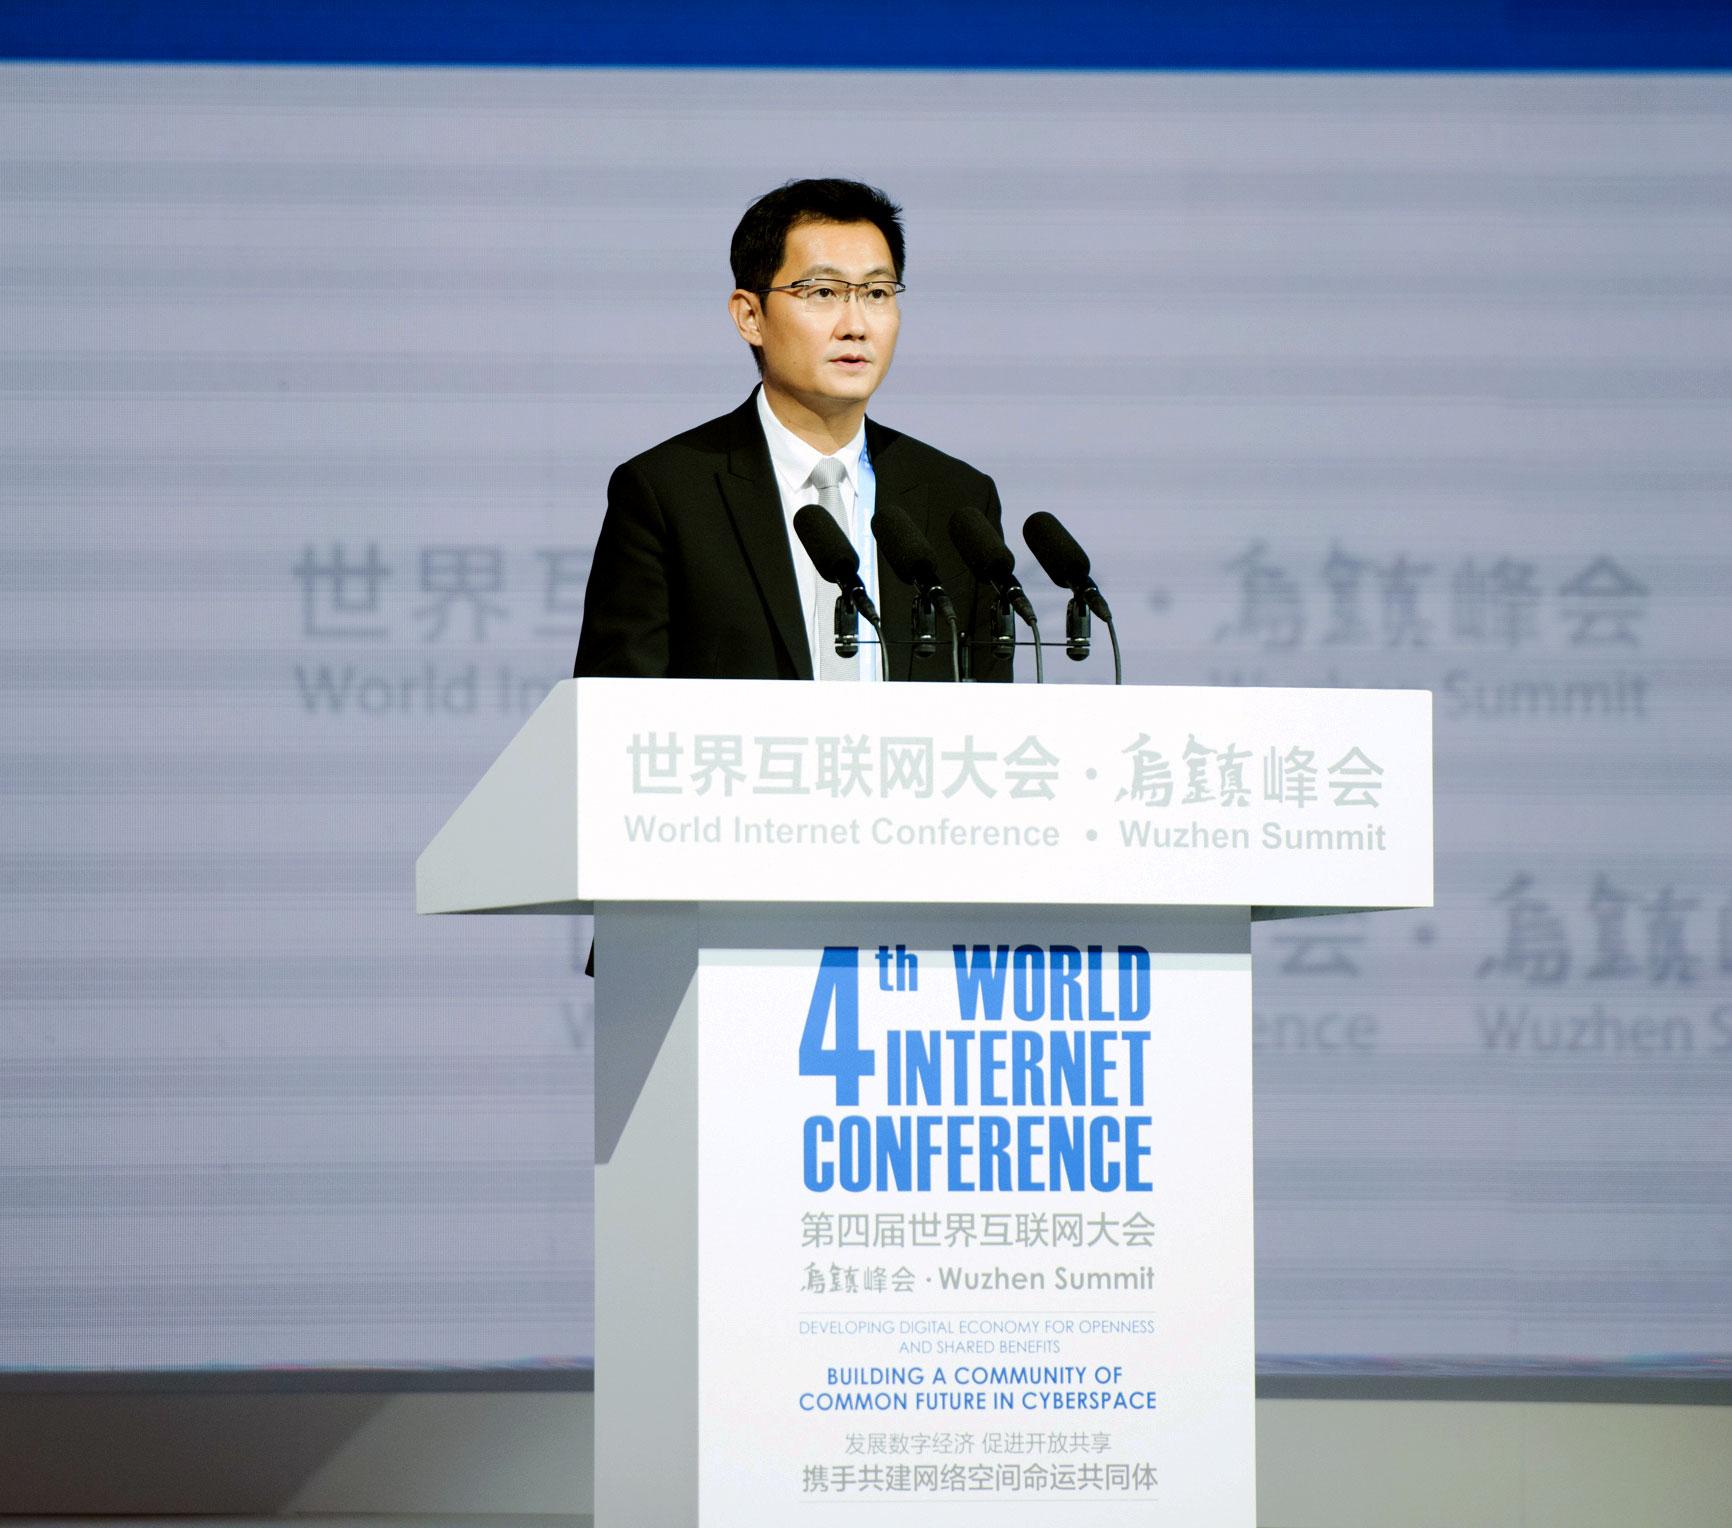 马化腾:中国企业要从跟随者变成新技术驱动者